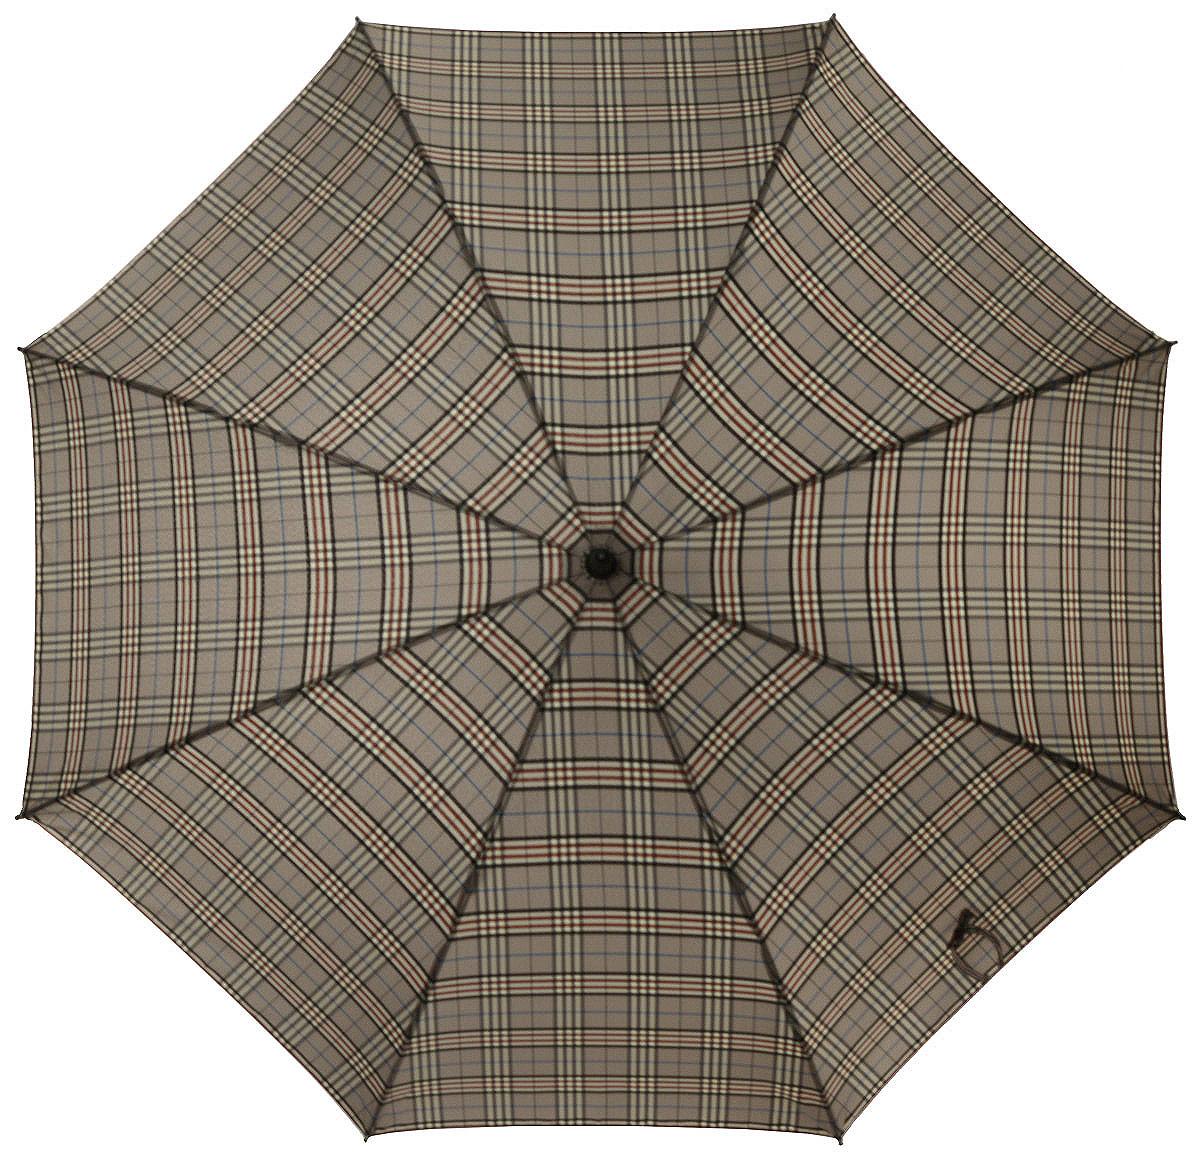 Зонт-трость мужской Eleganzza, полуавтомат, 3 сложения, цвет: светло-коричневый. T-05-YL27T-05-YL27Стильный и надежный мужской зонт-трость Eleganzza отлично подойдет под ваш образ. Изделие состоит из восьми спиц и стержня, изготовленных из карбона и фибергласса. Купол выполнен из качественного полиэстера и эпонжа, который не пропускает воду. Зонт дополнен удобной ручкой из матового пластика, которая имеет форму крючка. Также зонт имеет заостренный наконечник, который устраняет попадание воды на стержень и уберегает зонт от повреждений. Изделие имеет полуавтоматический механизм сложения: купол открывается нажатием кнопки на ручке, а складывается вручную до характерного щелчка. Зонт оснащен чехлом и удобным ремешком, благодаря которому зонт можно носить на запястье. Такой стильный и практичный аксессуар не только надежно защитит вас от дождя, но и придаст вашему образу солидности.